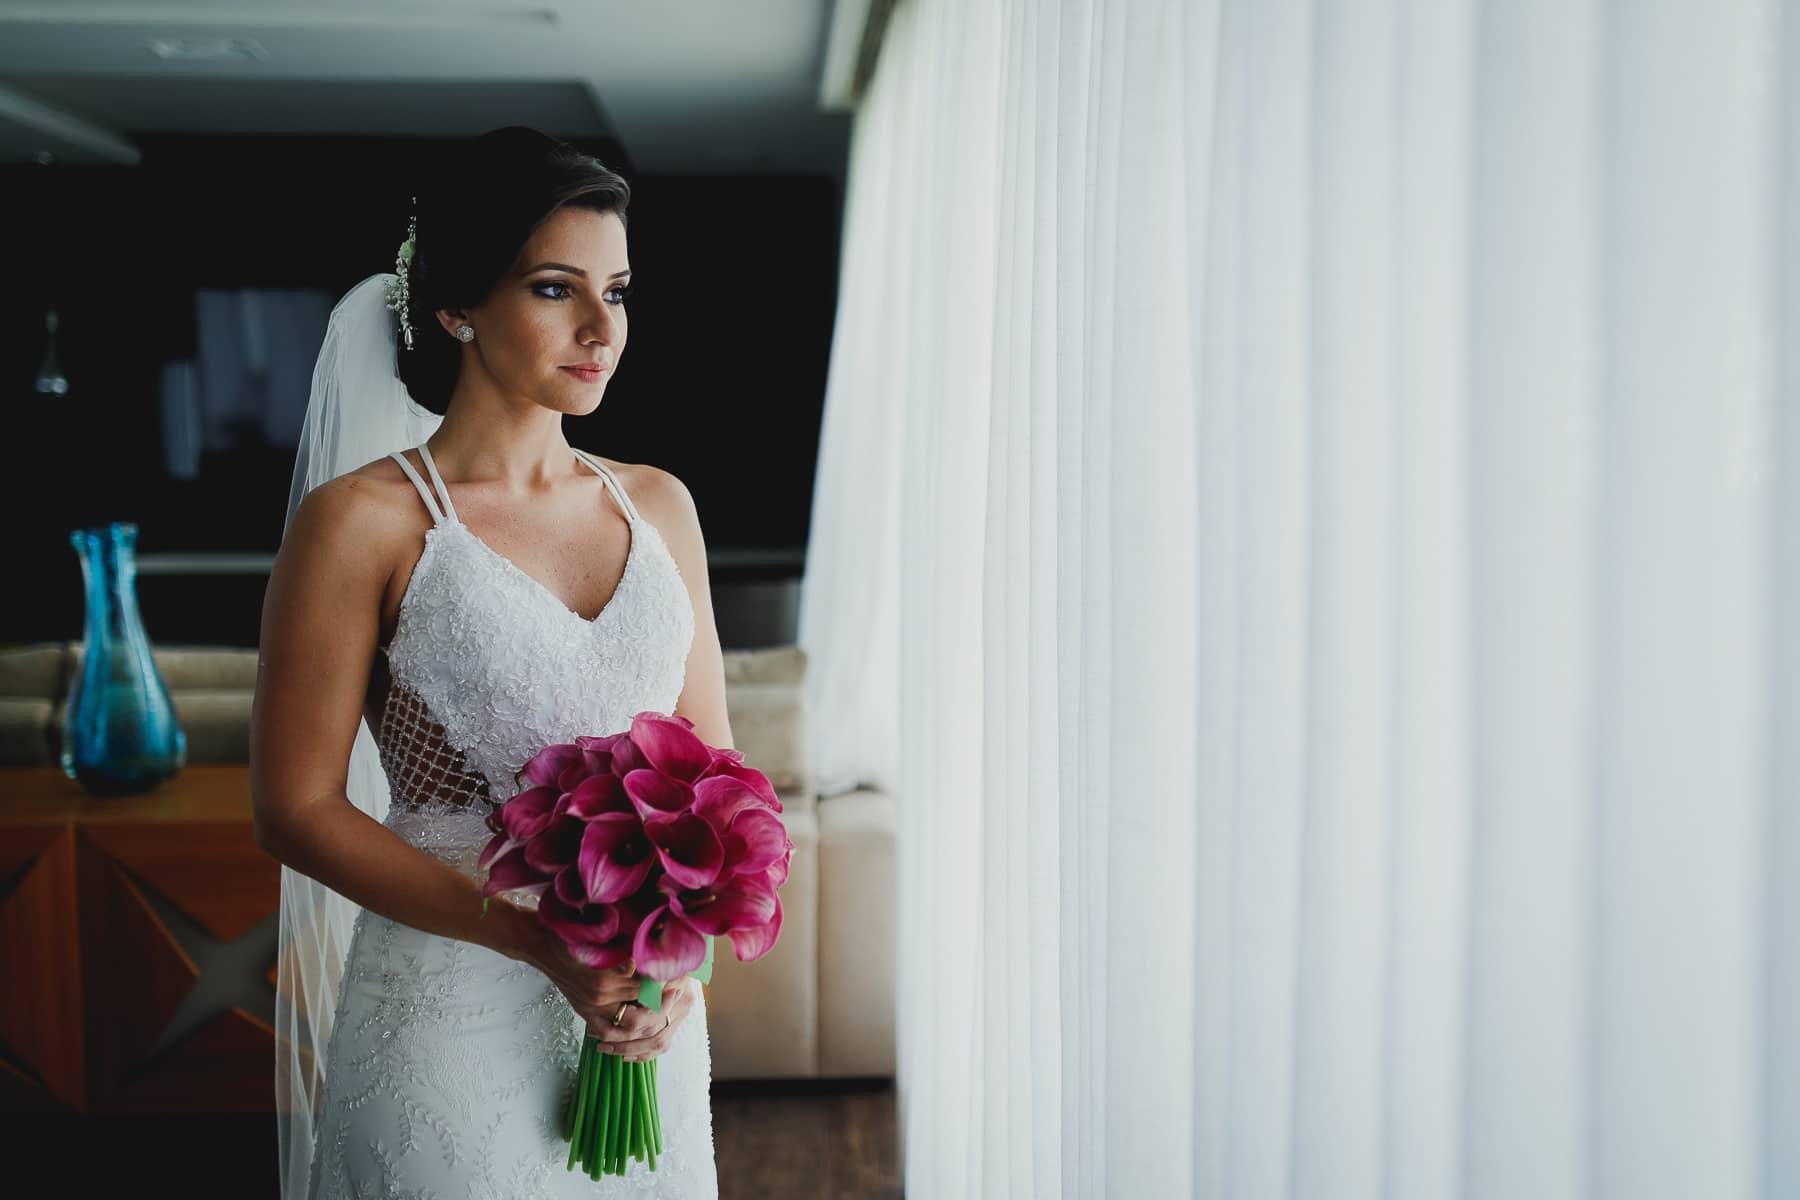 preparar para o casamento no salão ou em casa